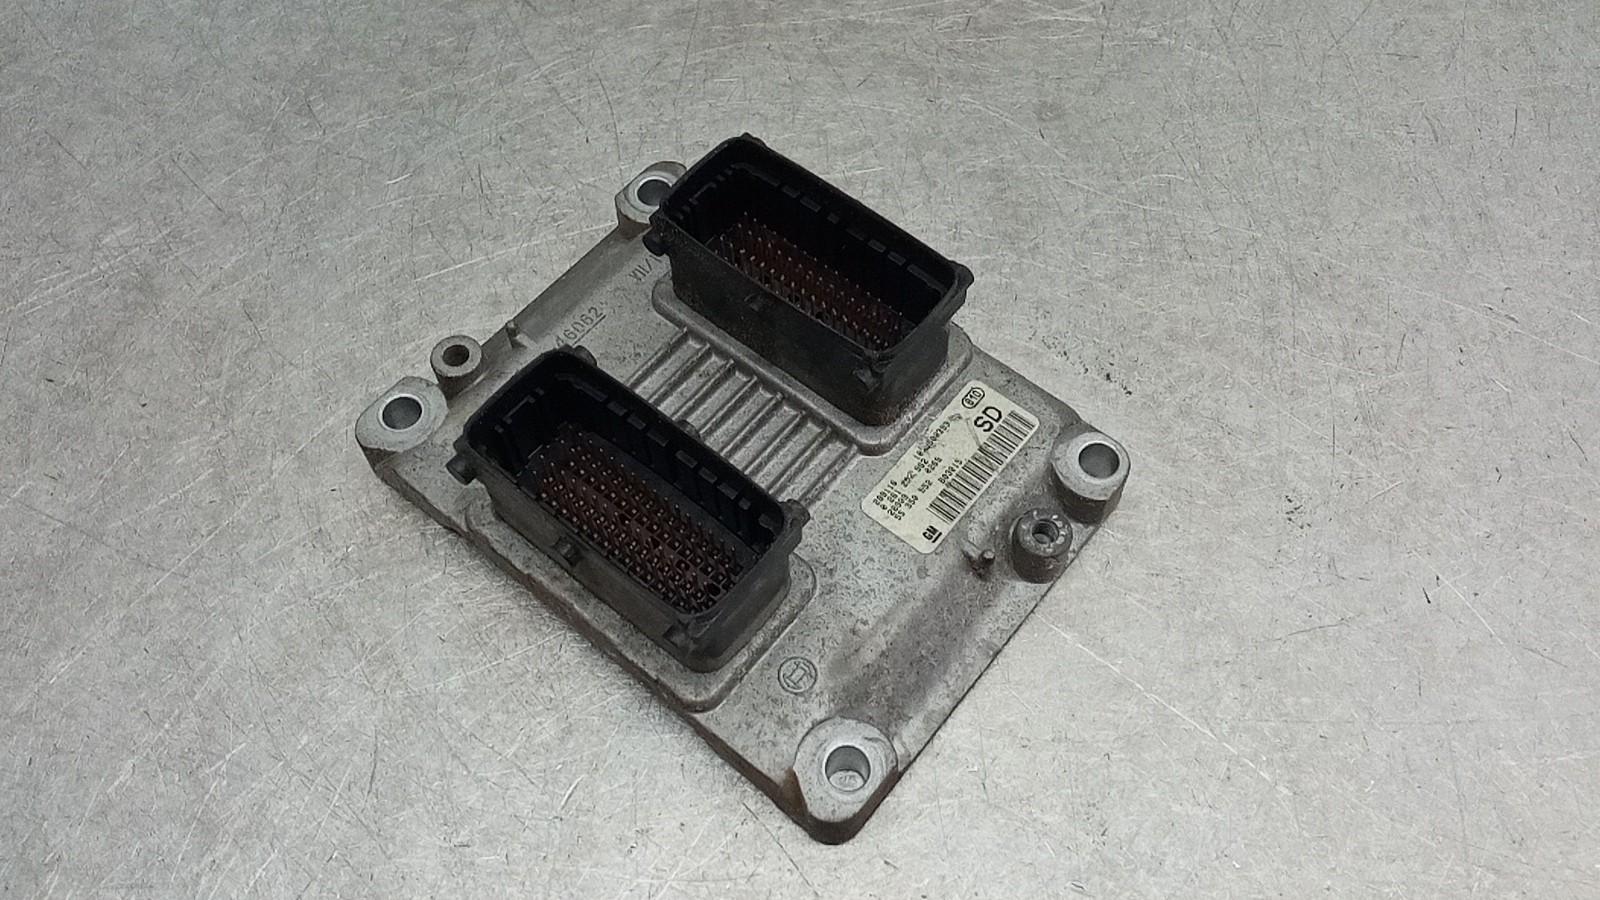 Centralina do Motor (20402048).